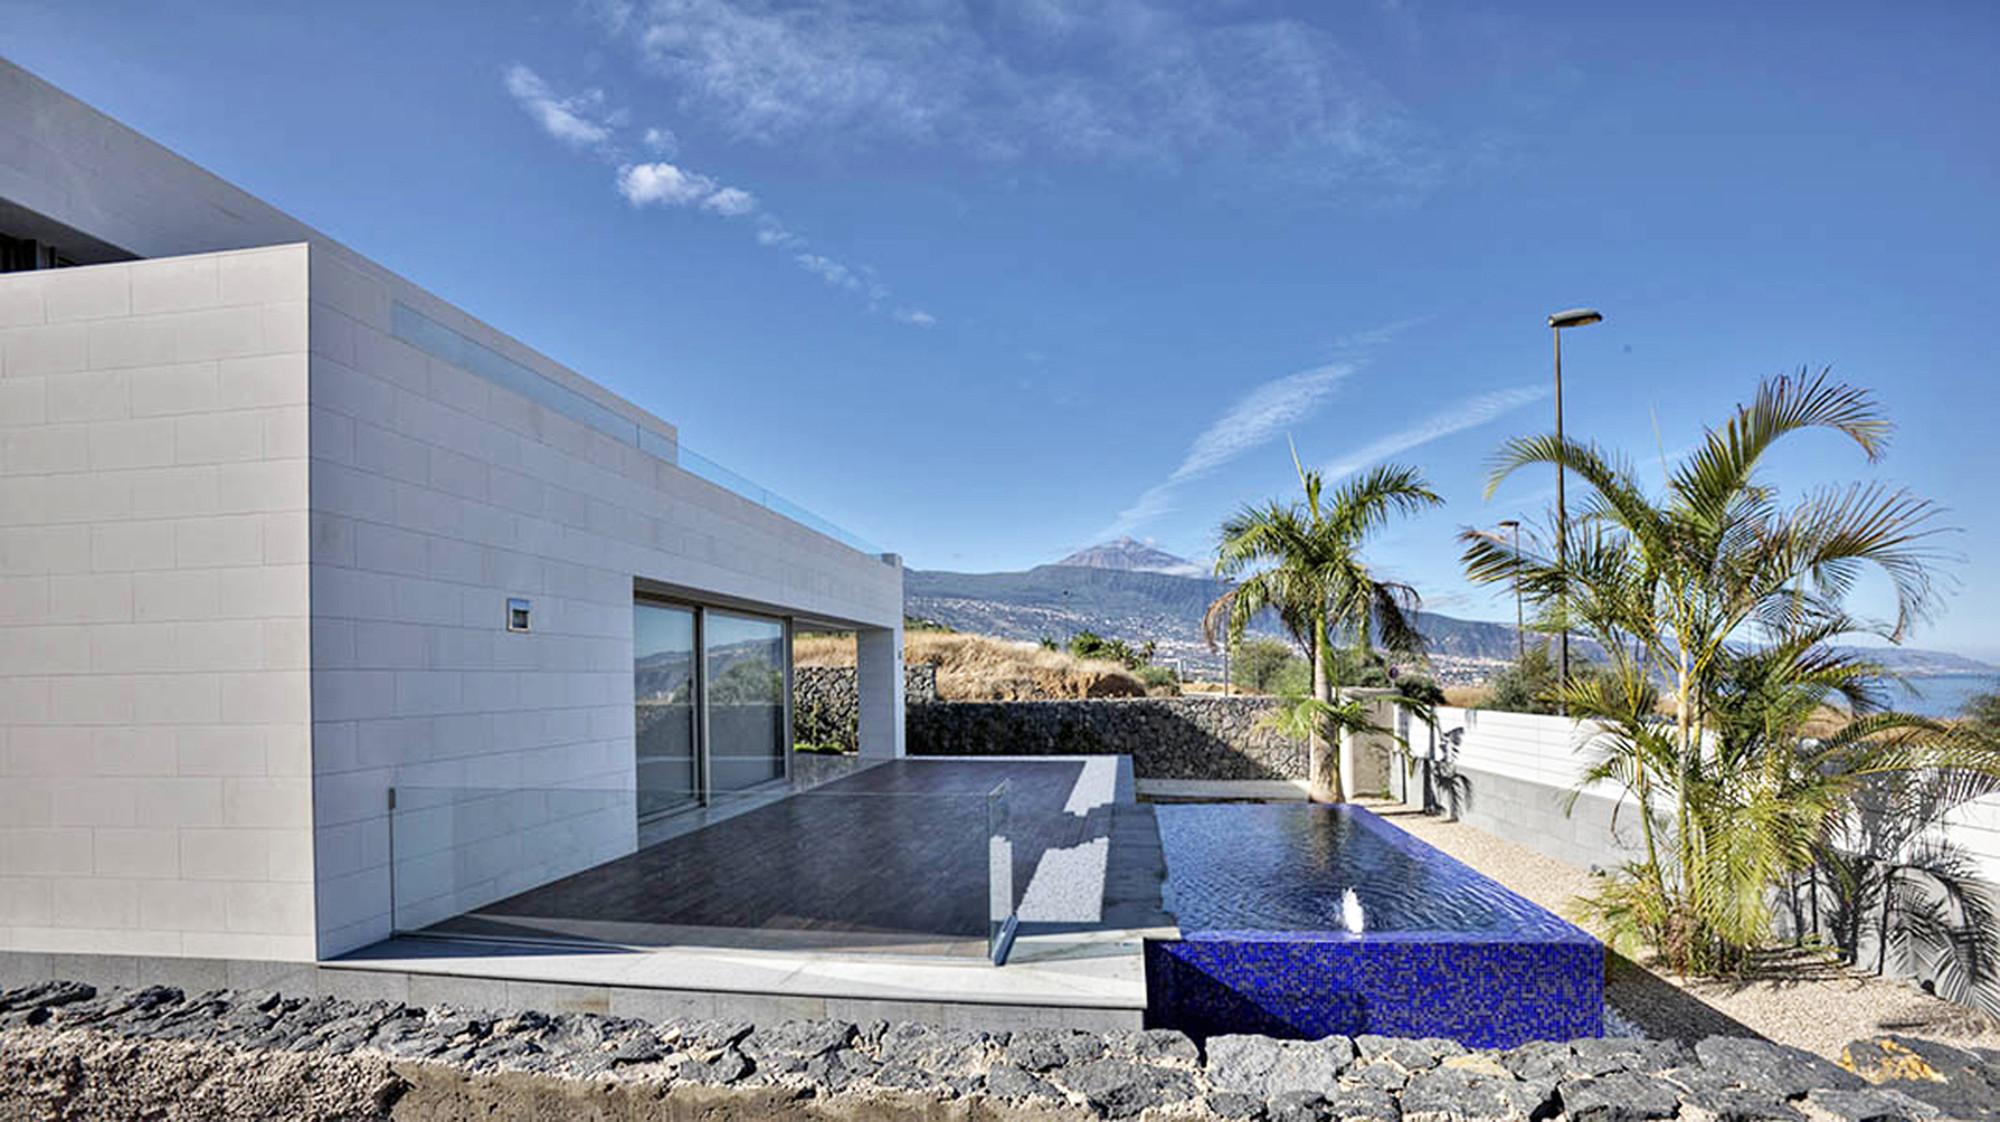 Casa em La Quinta / Correa + Estévez Arquitectura, © Efraín Pintos